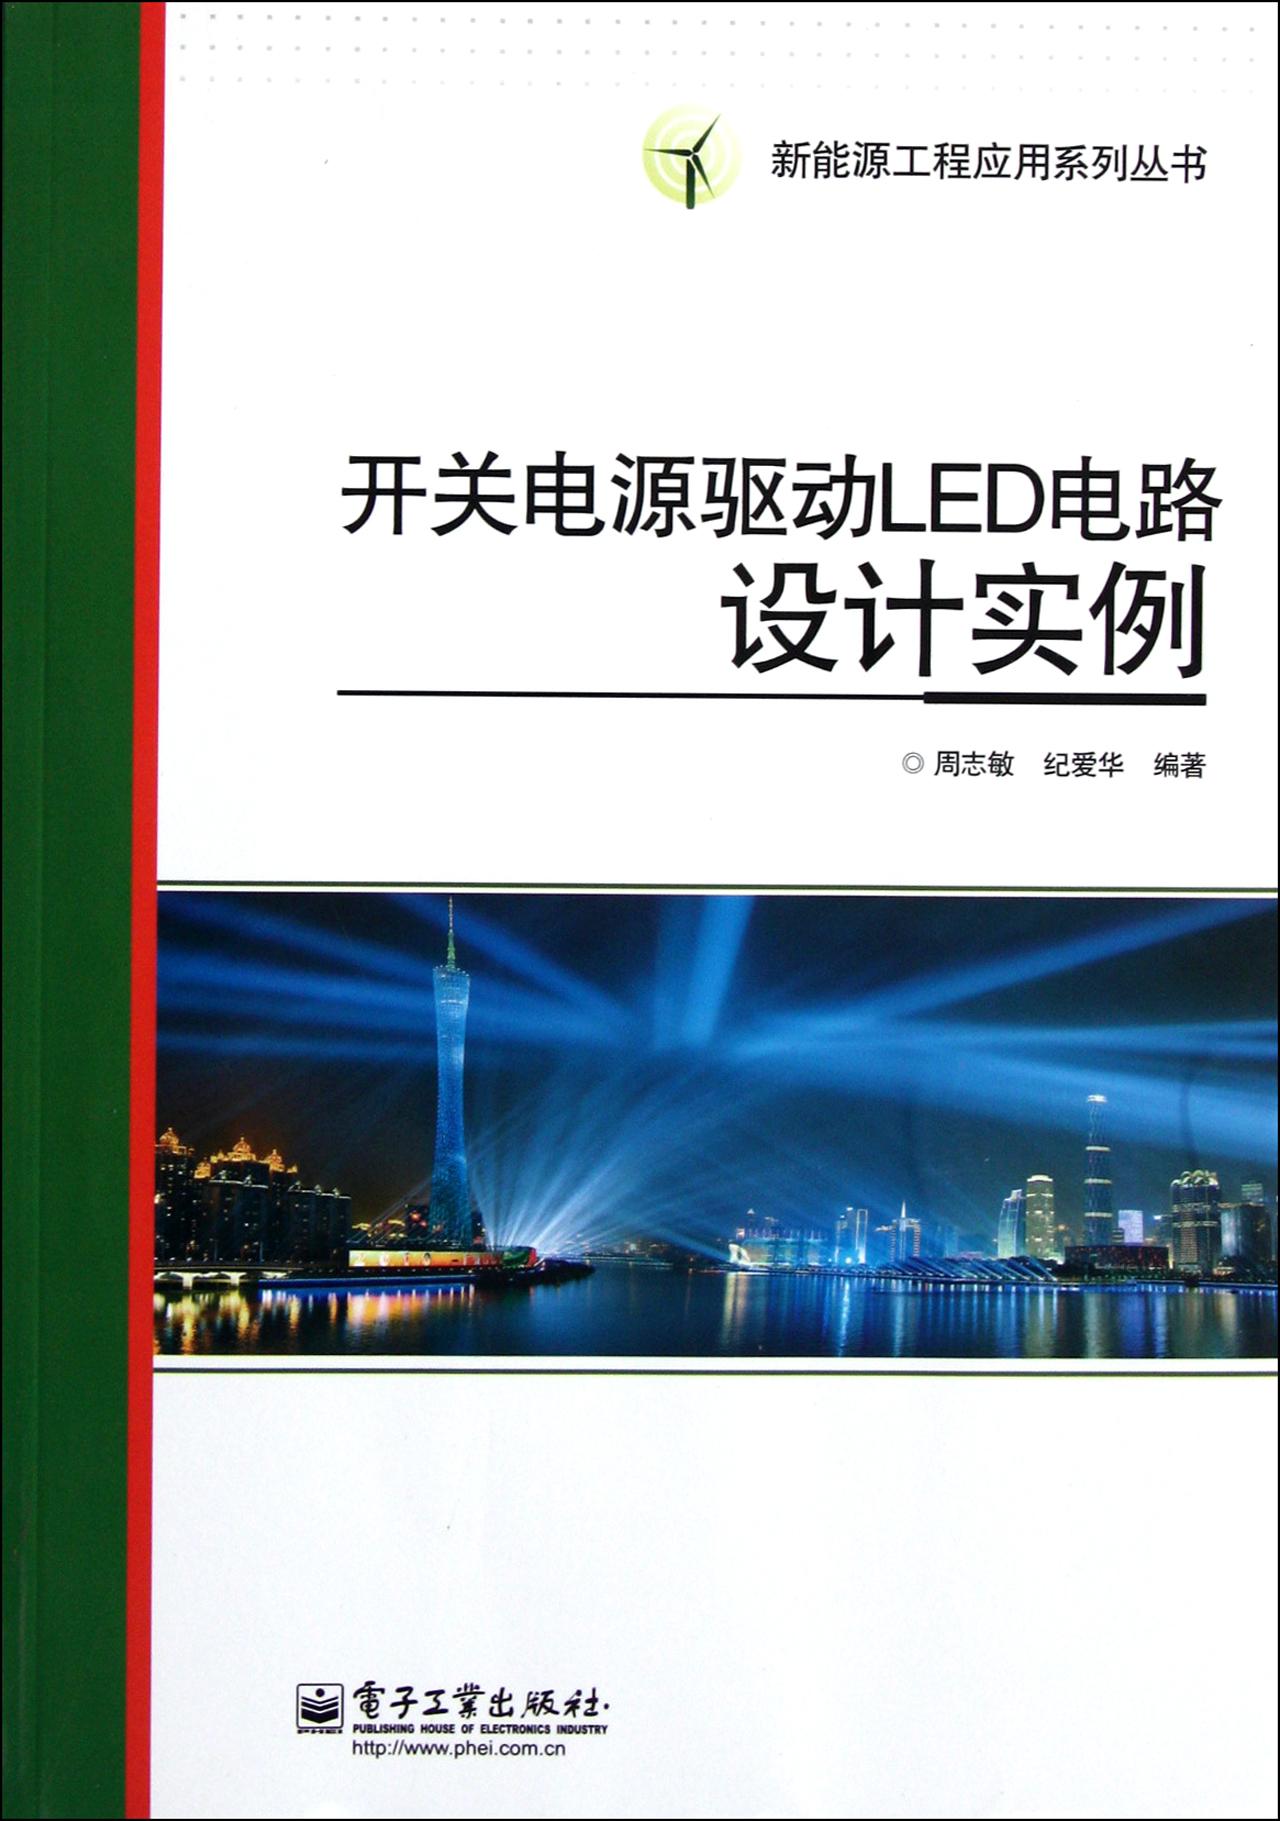 开关电源驱动led电路设计实例